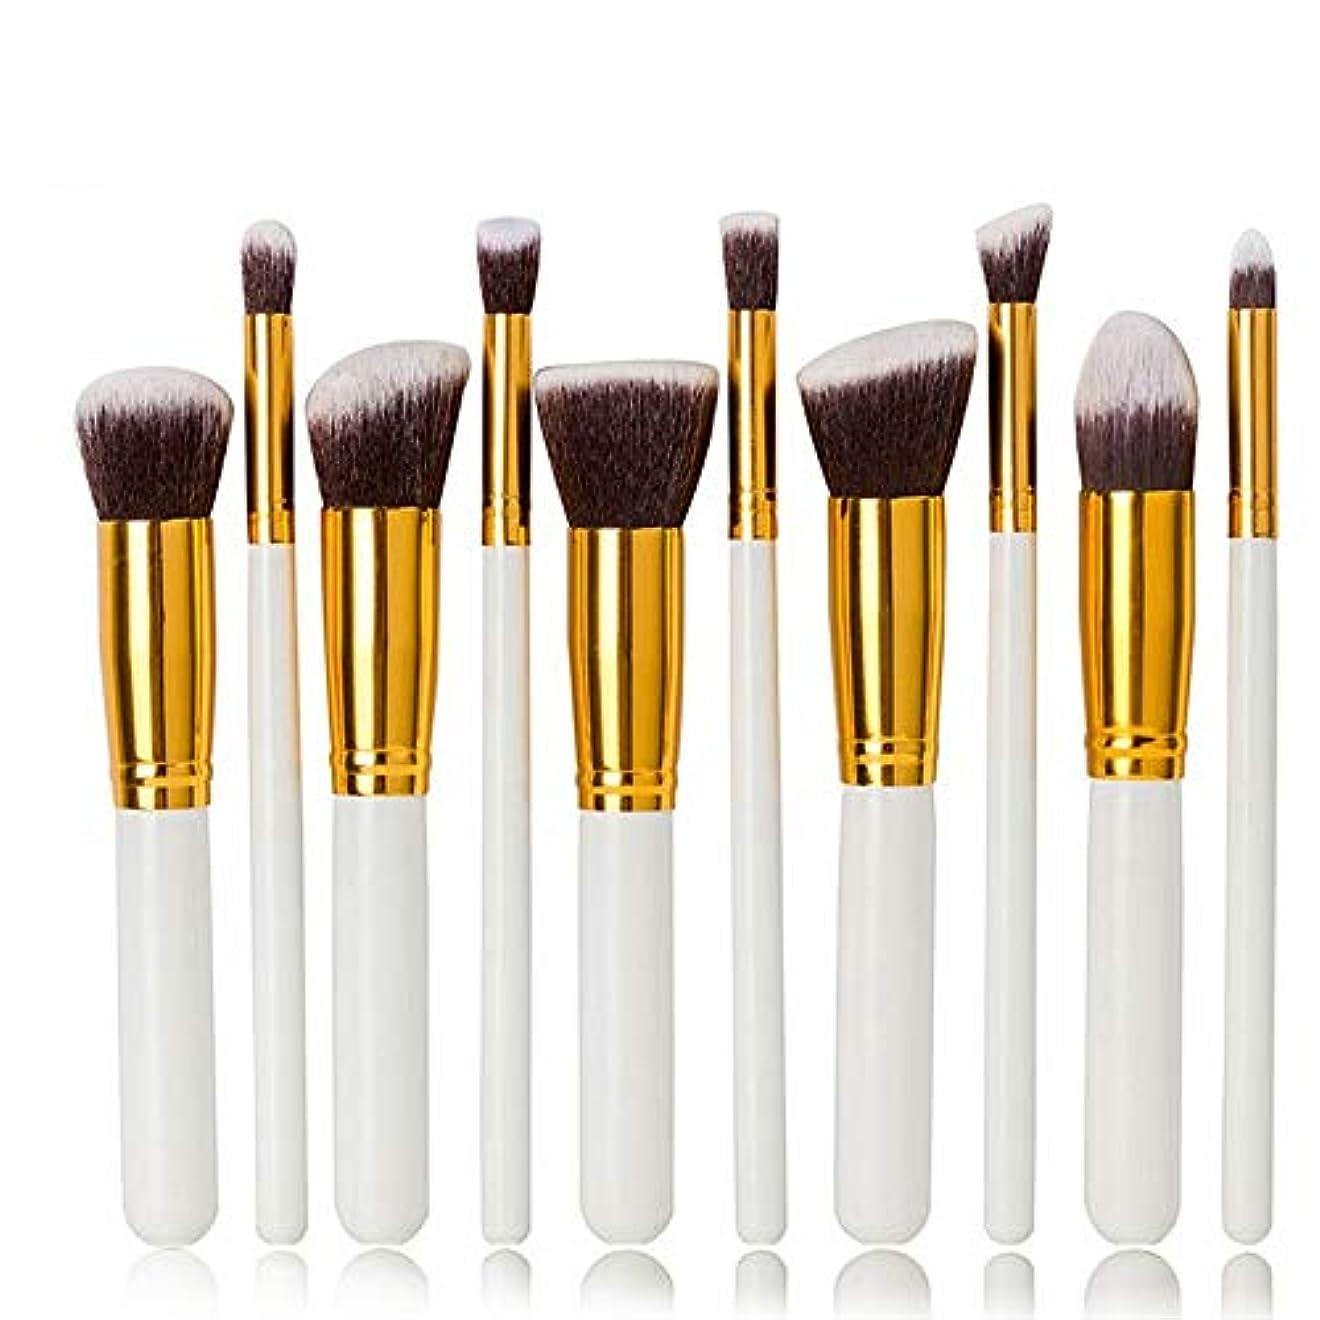 調和のとれたファウル入射Makeup brushes 10ピースホワイトメイクブラシセット革新的なリベラルパウダーブラシアイシャドウブラシコンターブラシ suits (Color : White)